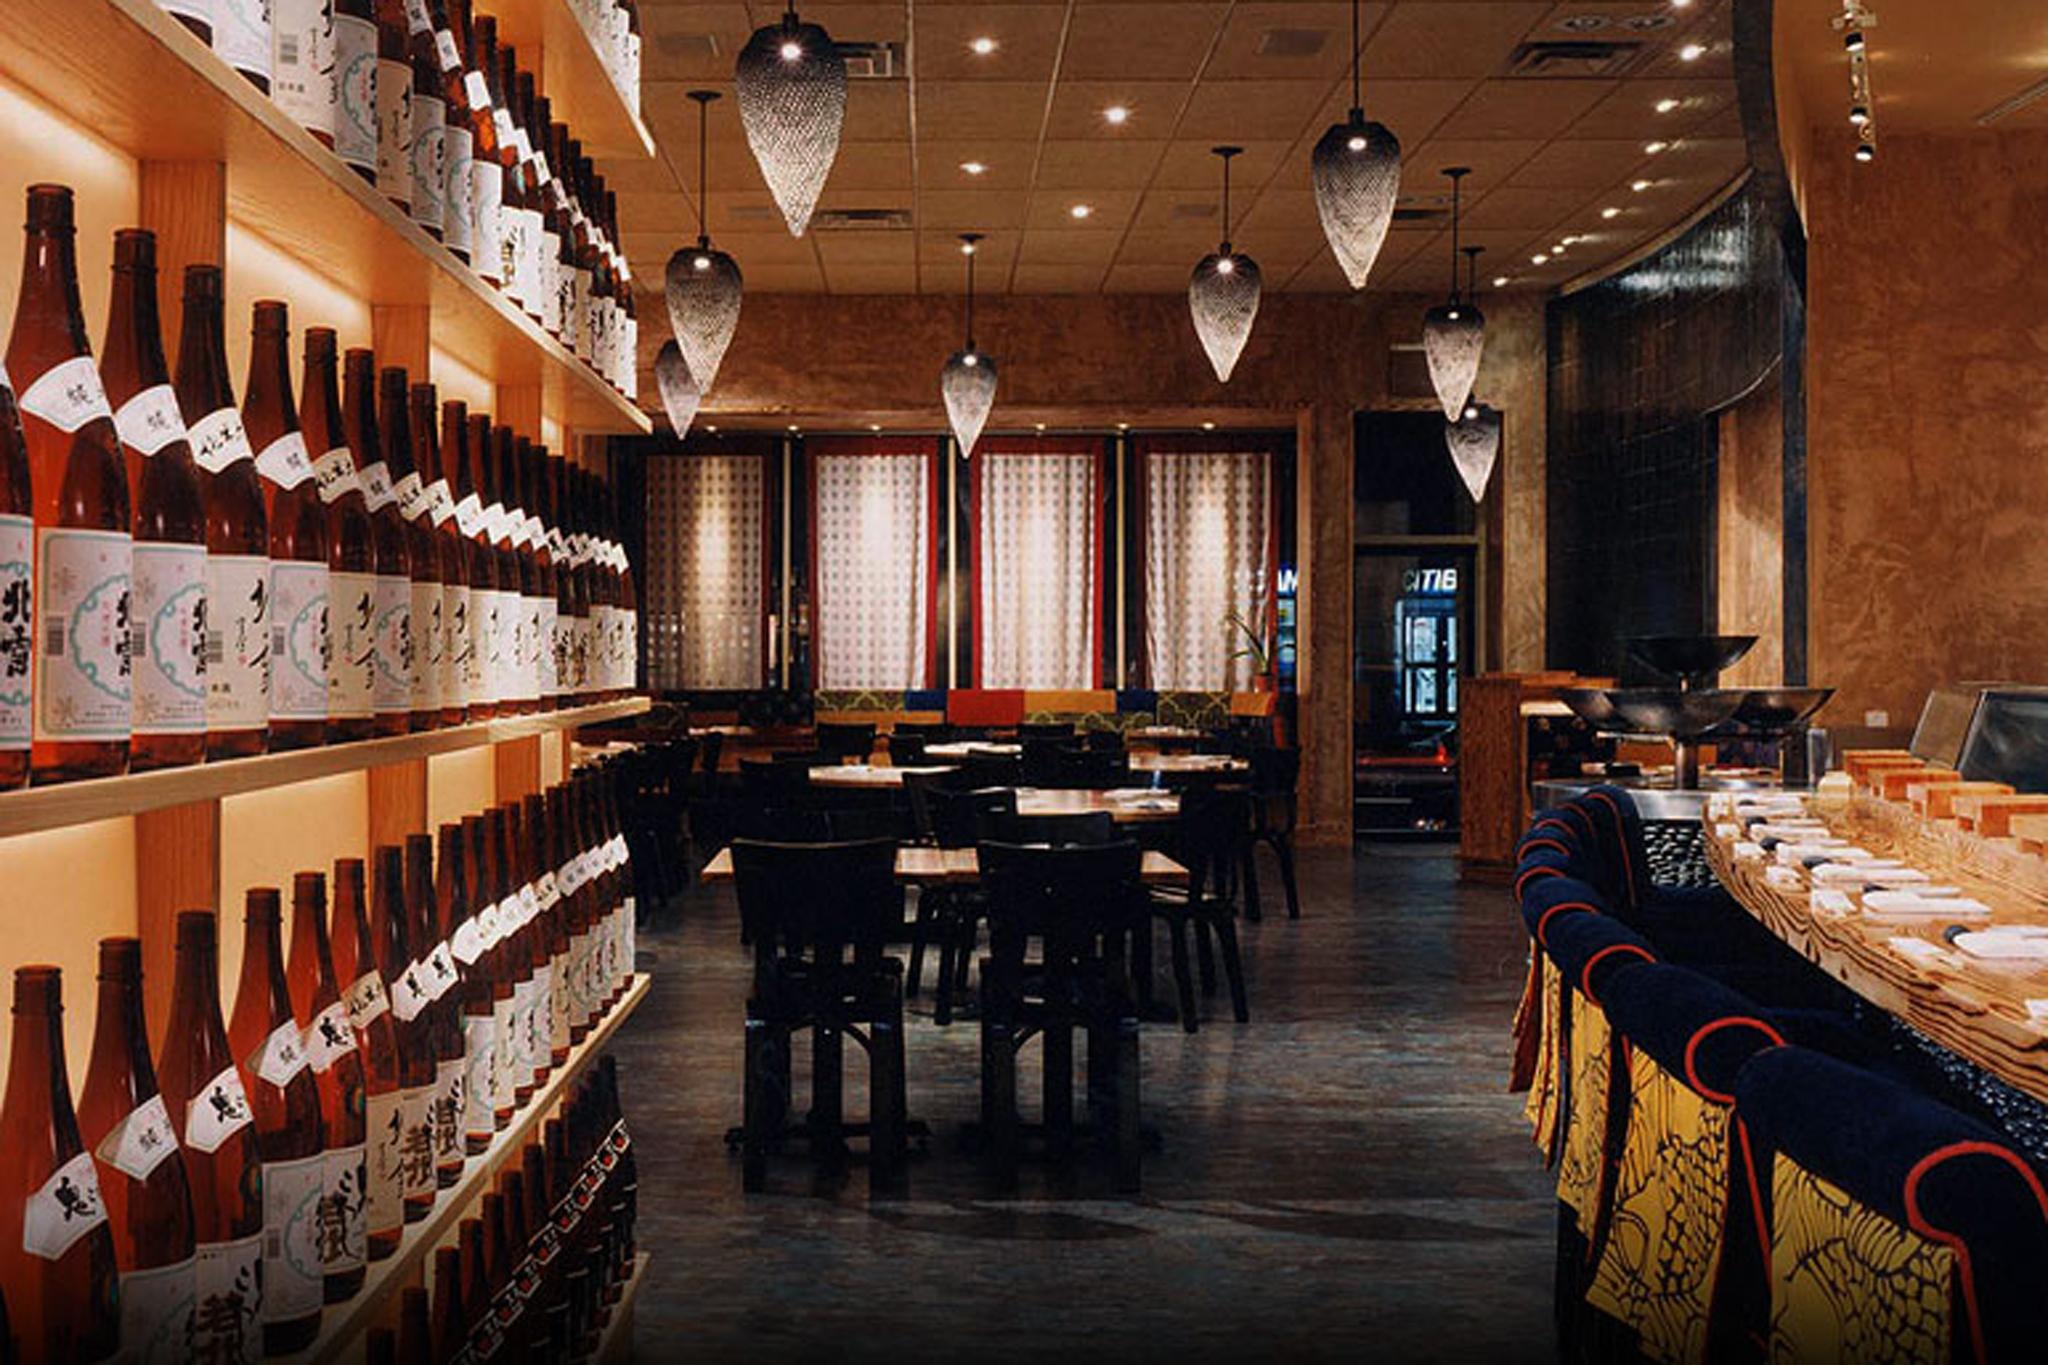 именно это фото ресторанов в европе и америке разнообразие корелл